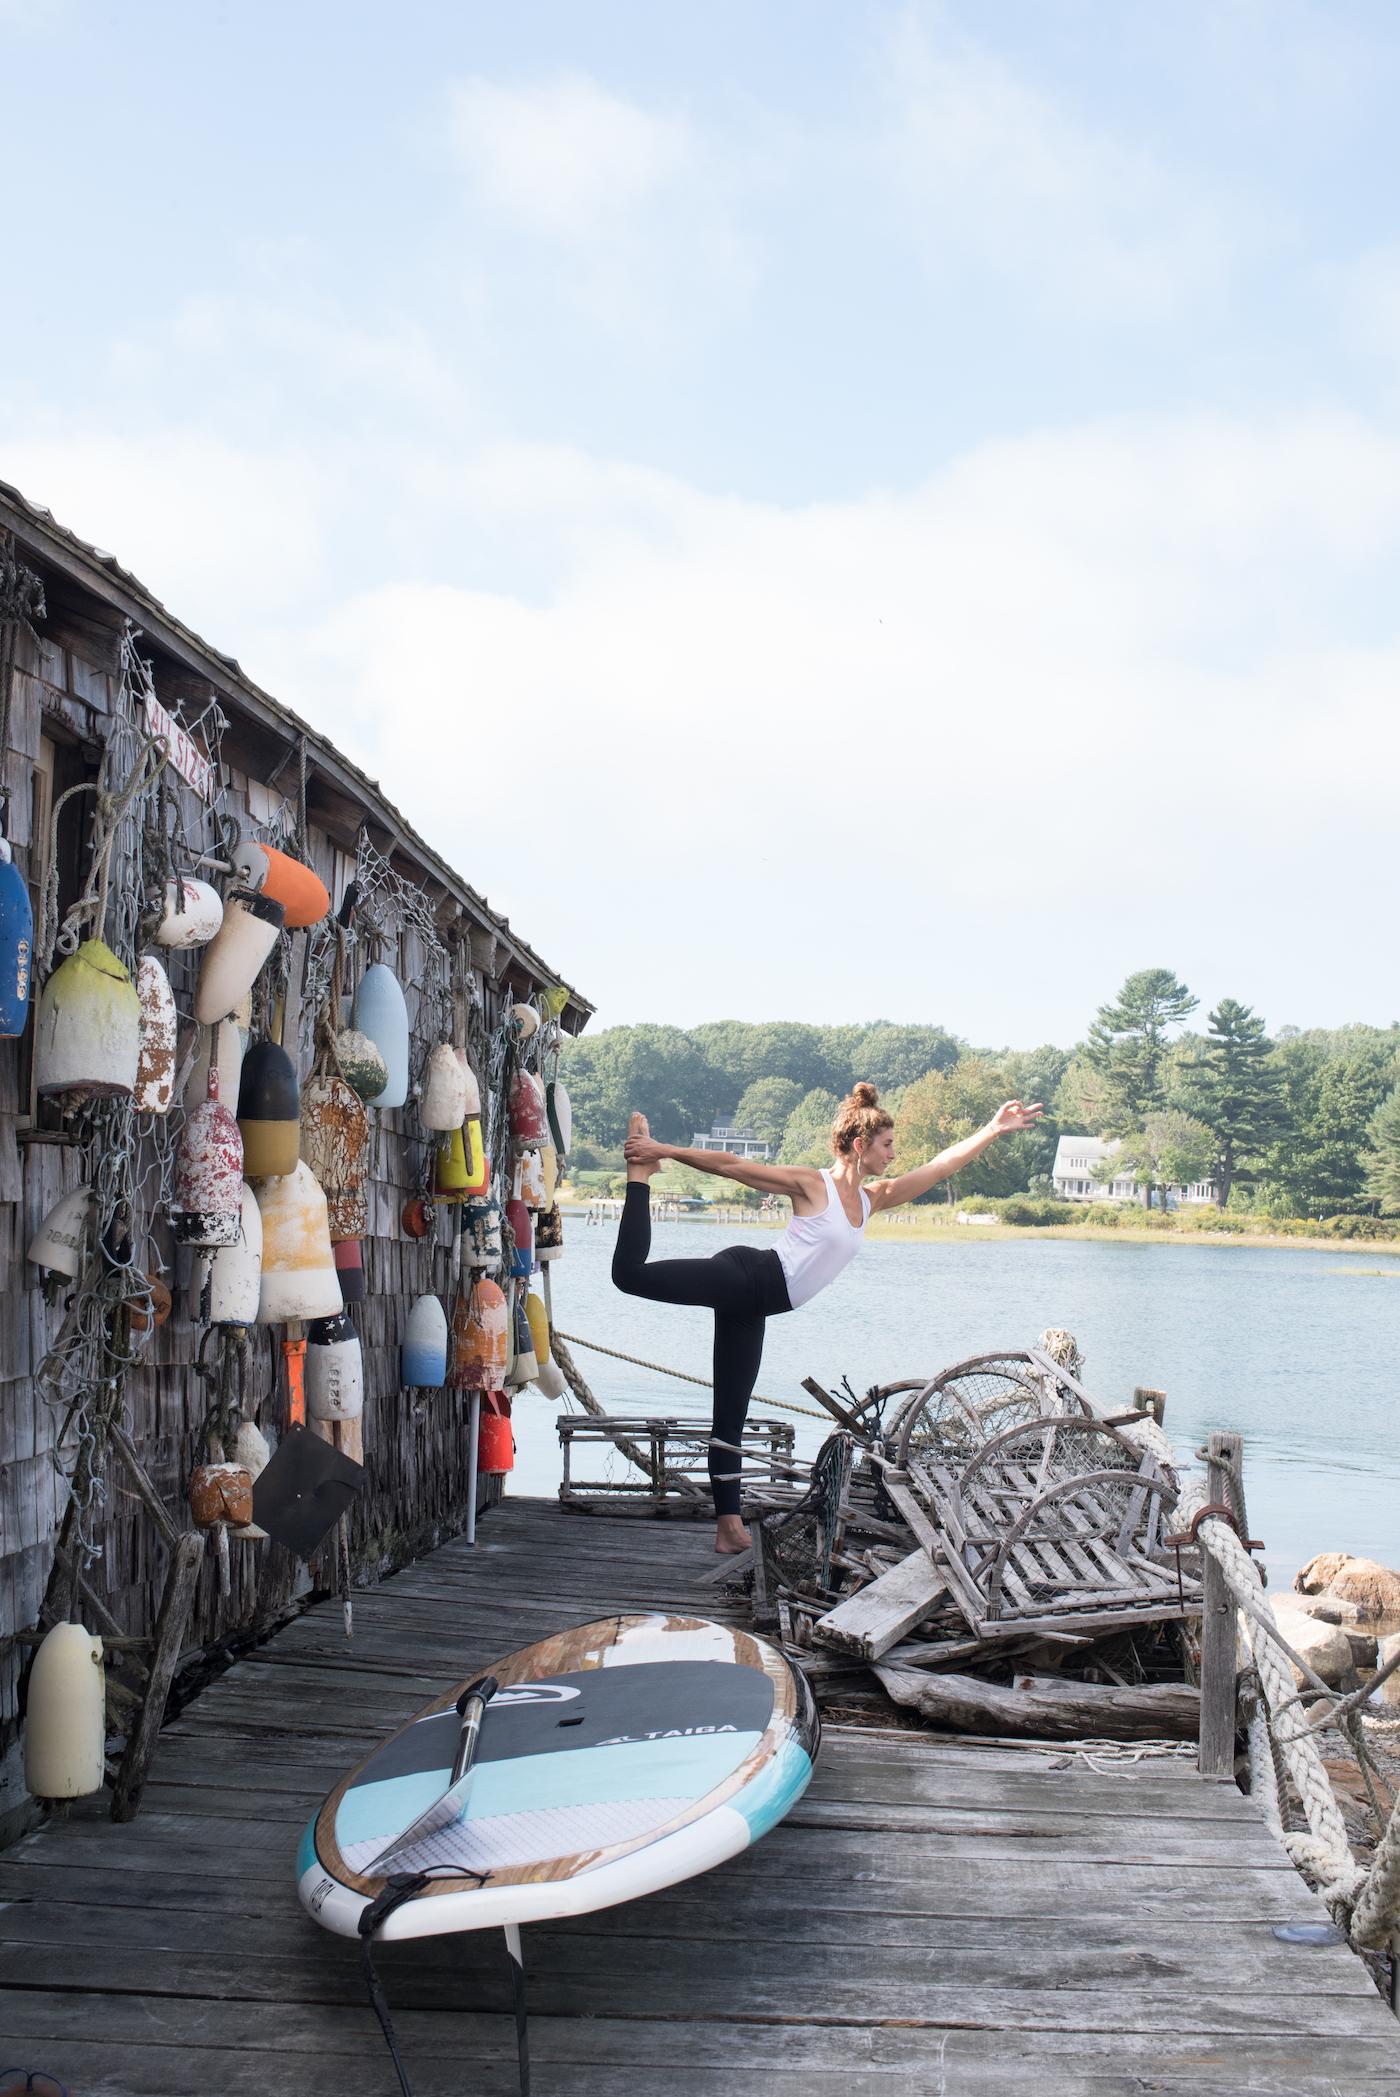 FORMATION PROFESSORALE EN SUP YOGA 40H - Vous êtes professeur de yoga et souhaitez vous spécialiser en SUP Yoga?